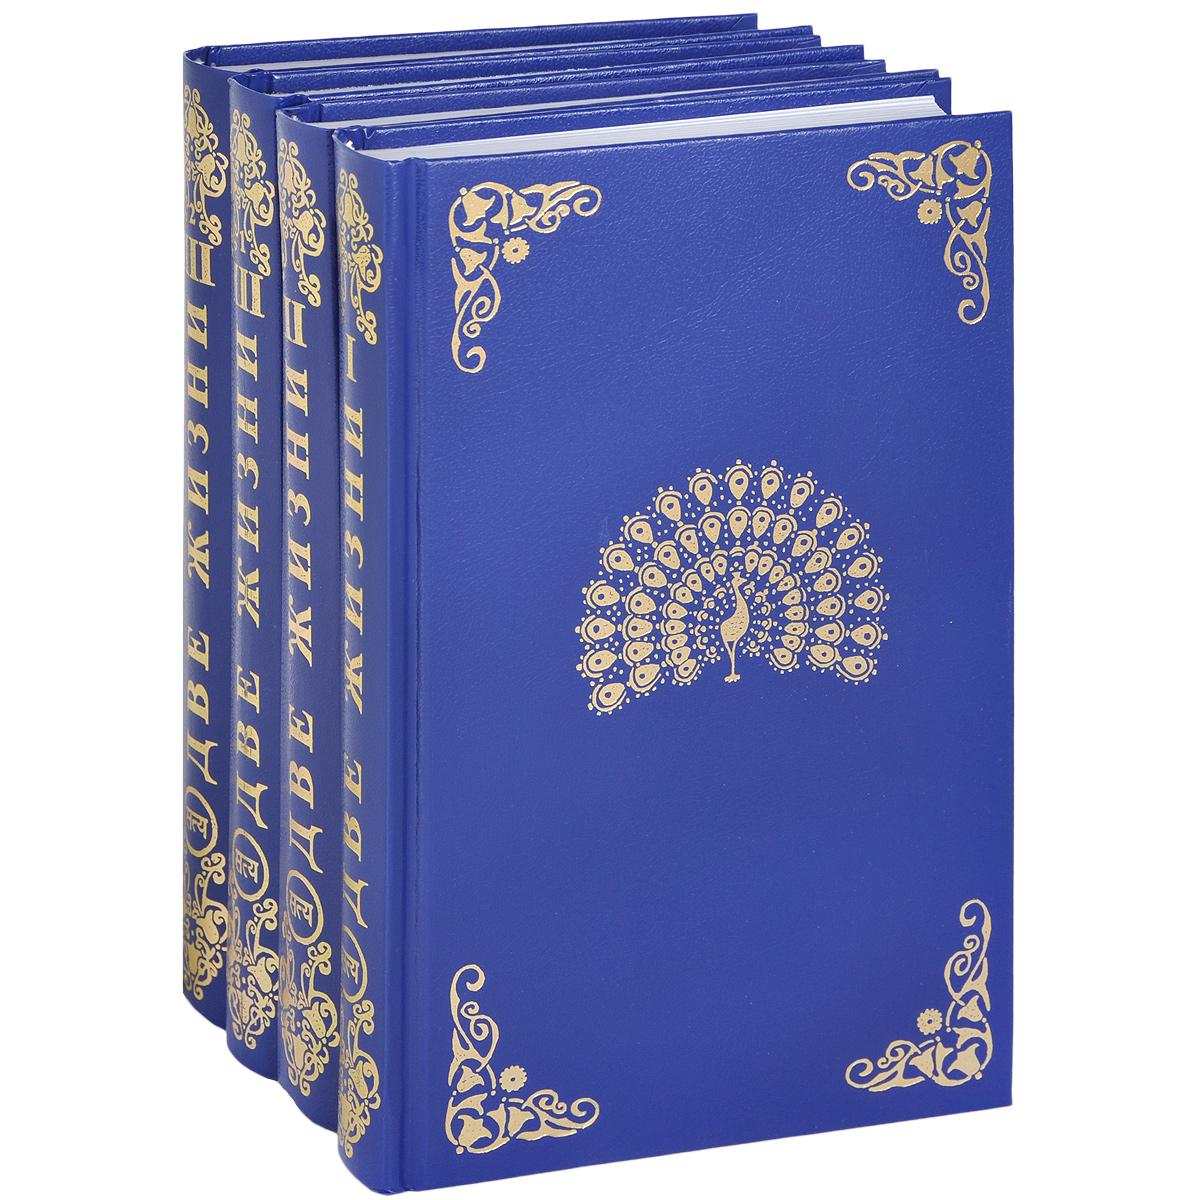 Две жизни. В 3 частях (комплект из 4 книг). К. Е. Антарова